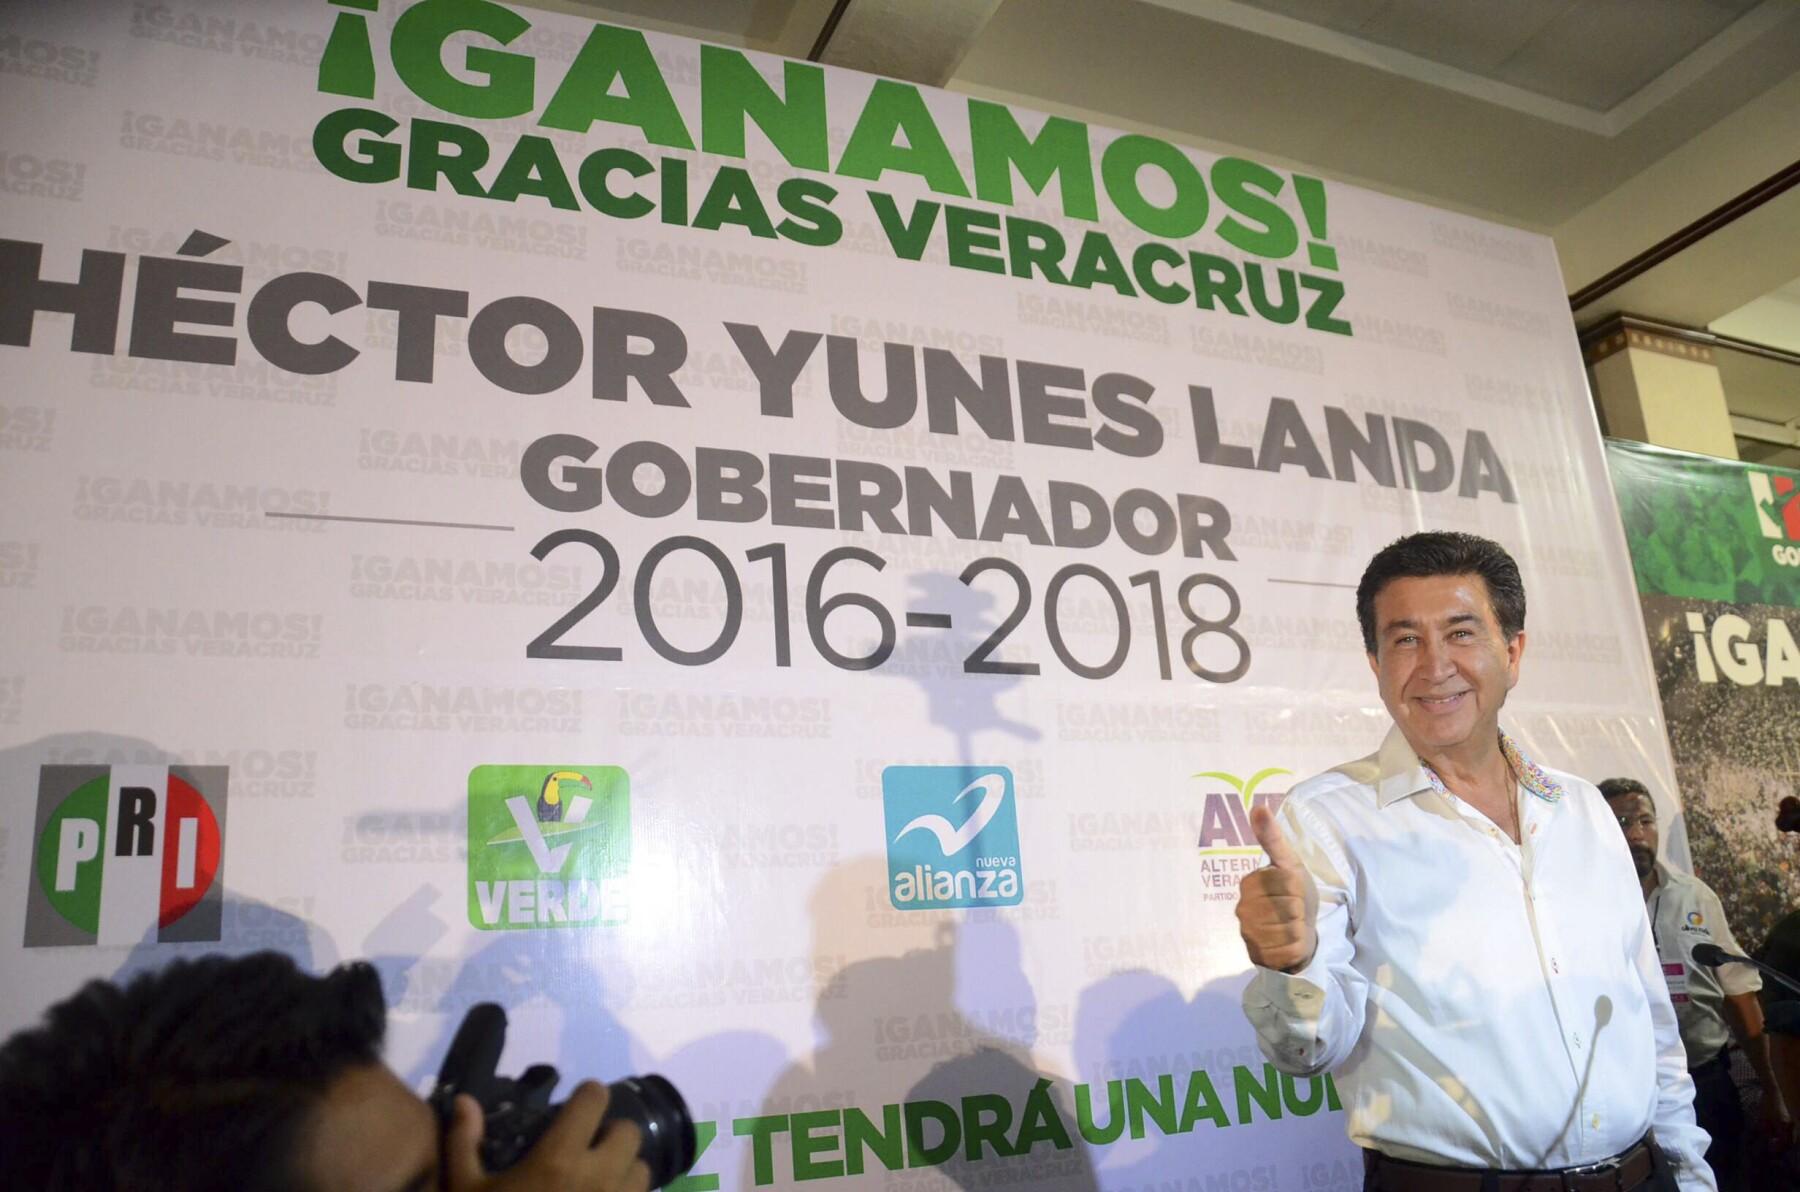 """El candidato de la coalición """"Para Mejorar Veracruz"""" se proclamó ganador de la elección, al mismo tiempo que su opositor Miguel Ángel Yunes hacía lo propio."""